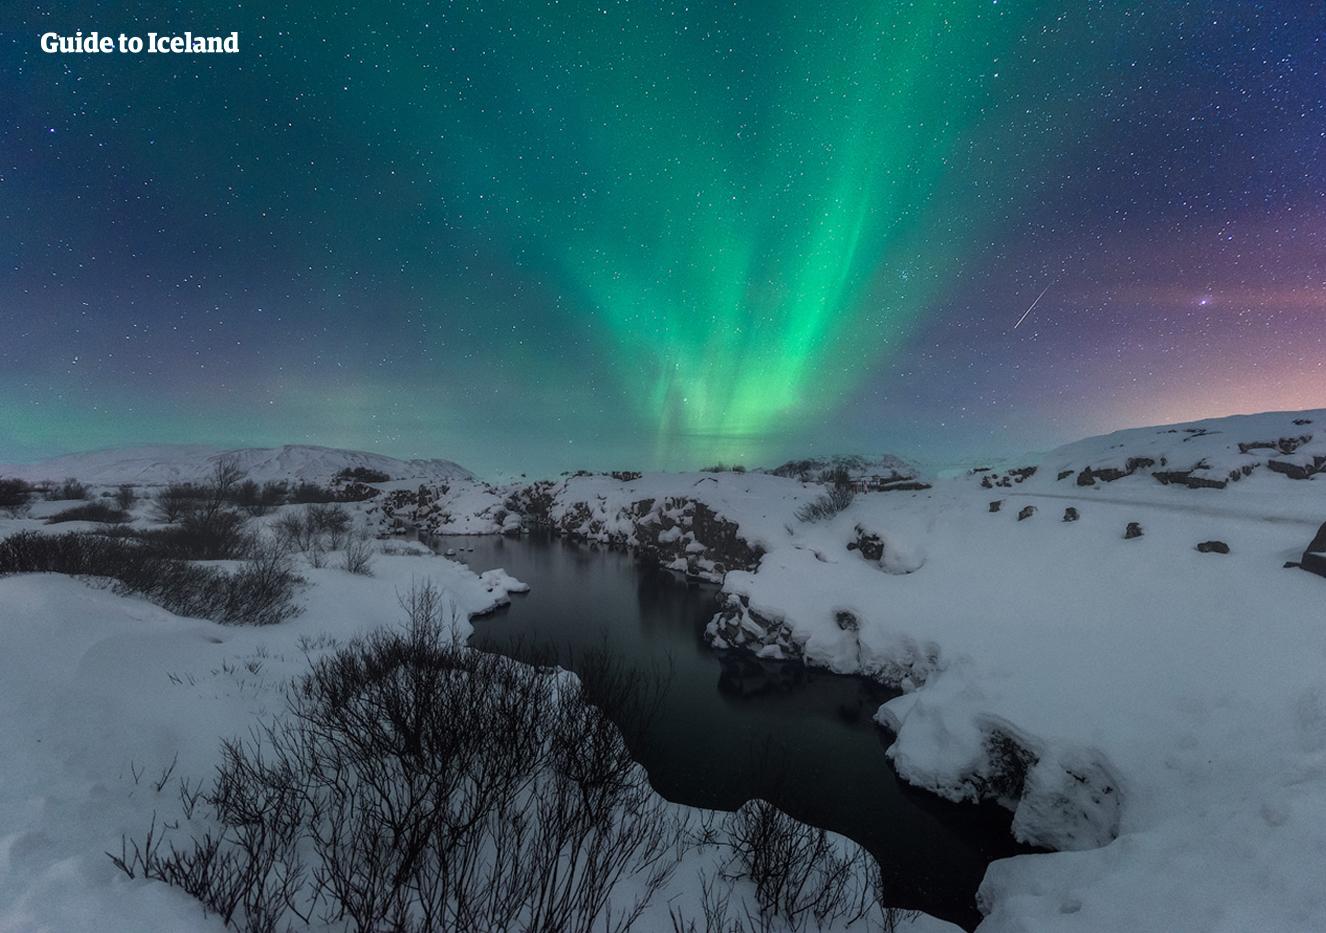 5-dniowa zimowa wycieczka z przewodnikiem na południowym wybrzeżu Islandii z jaskiniami lodowymi